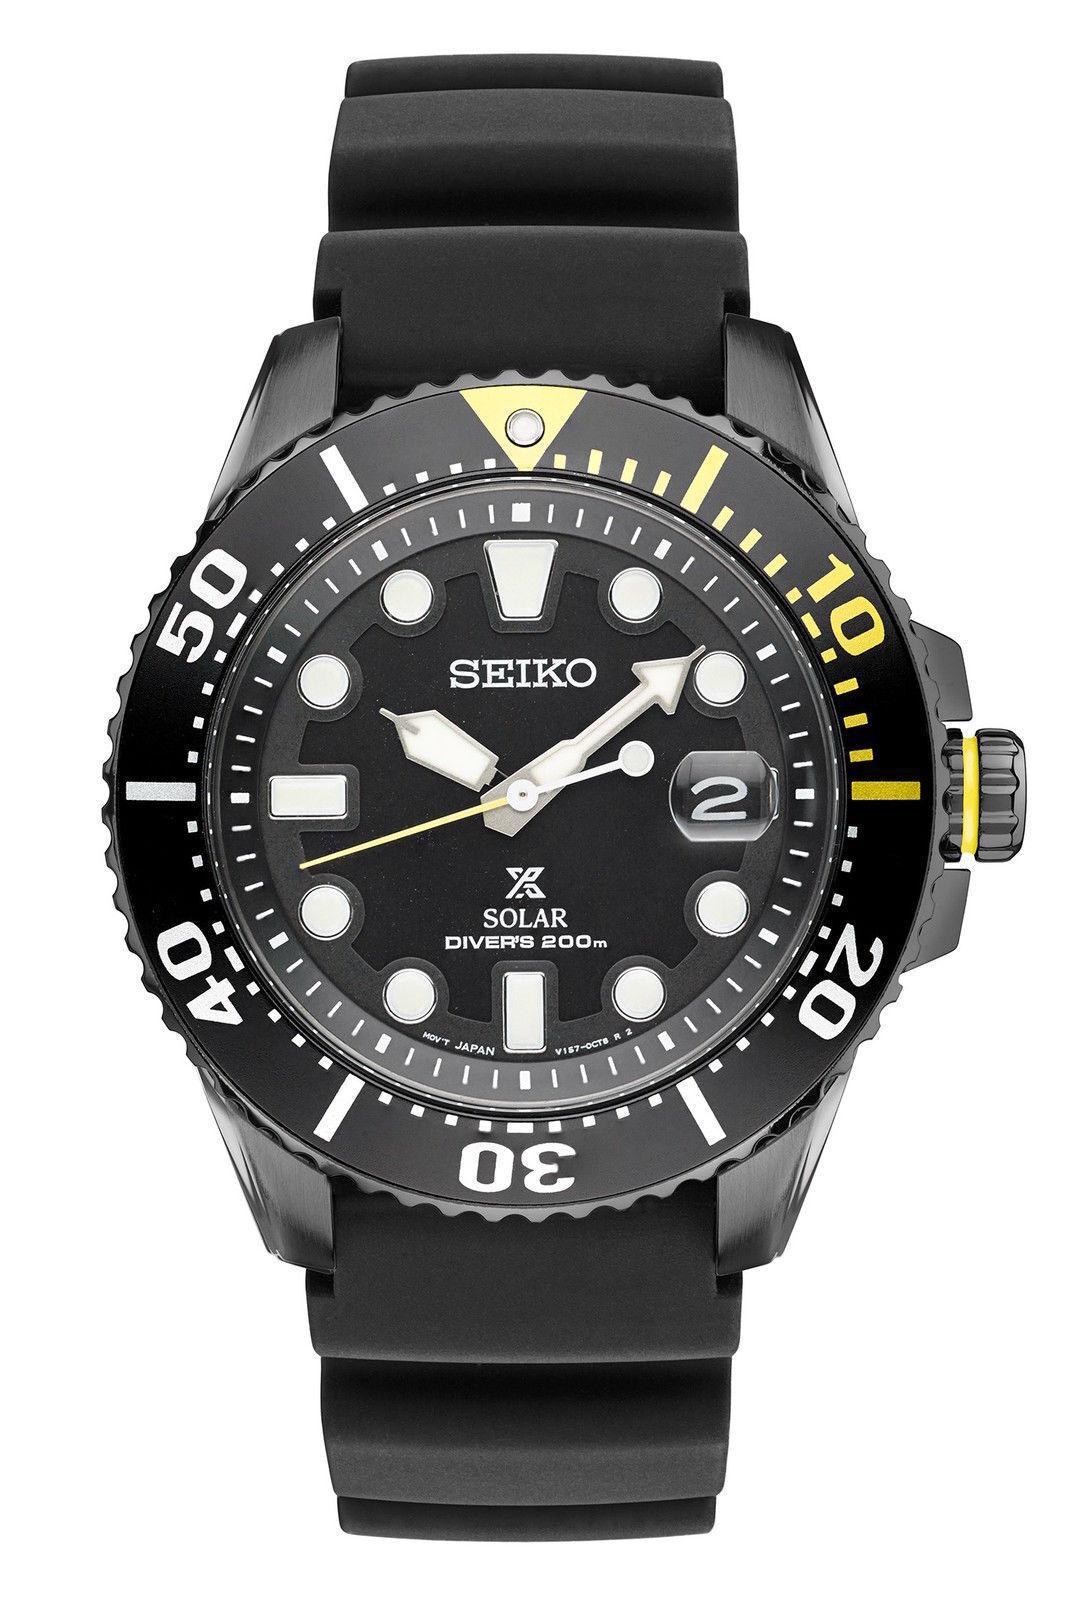 Seiko Men's Prospex Solar Diver Black Silicone Strap Watch 4